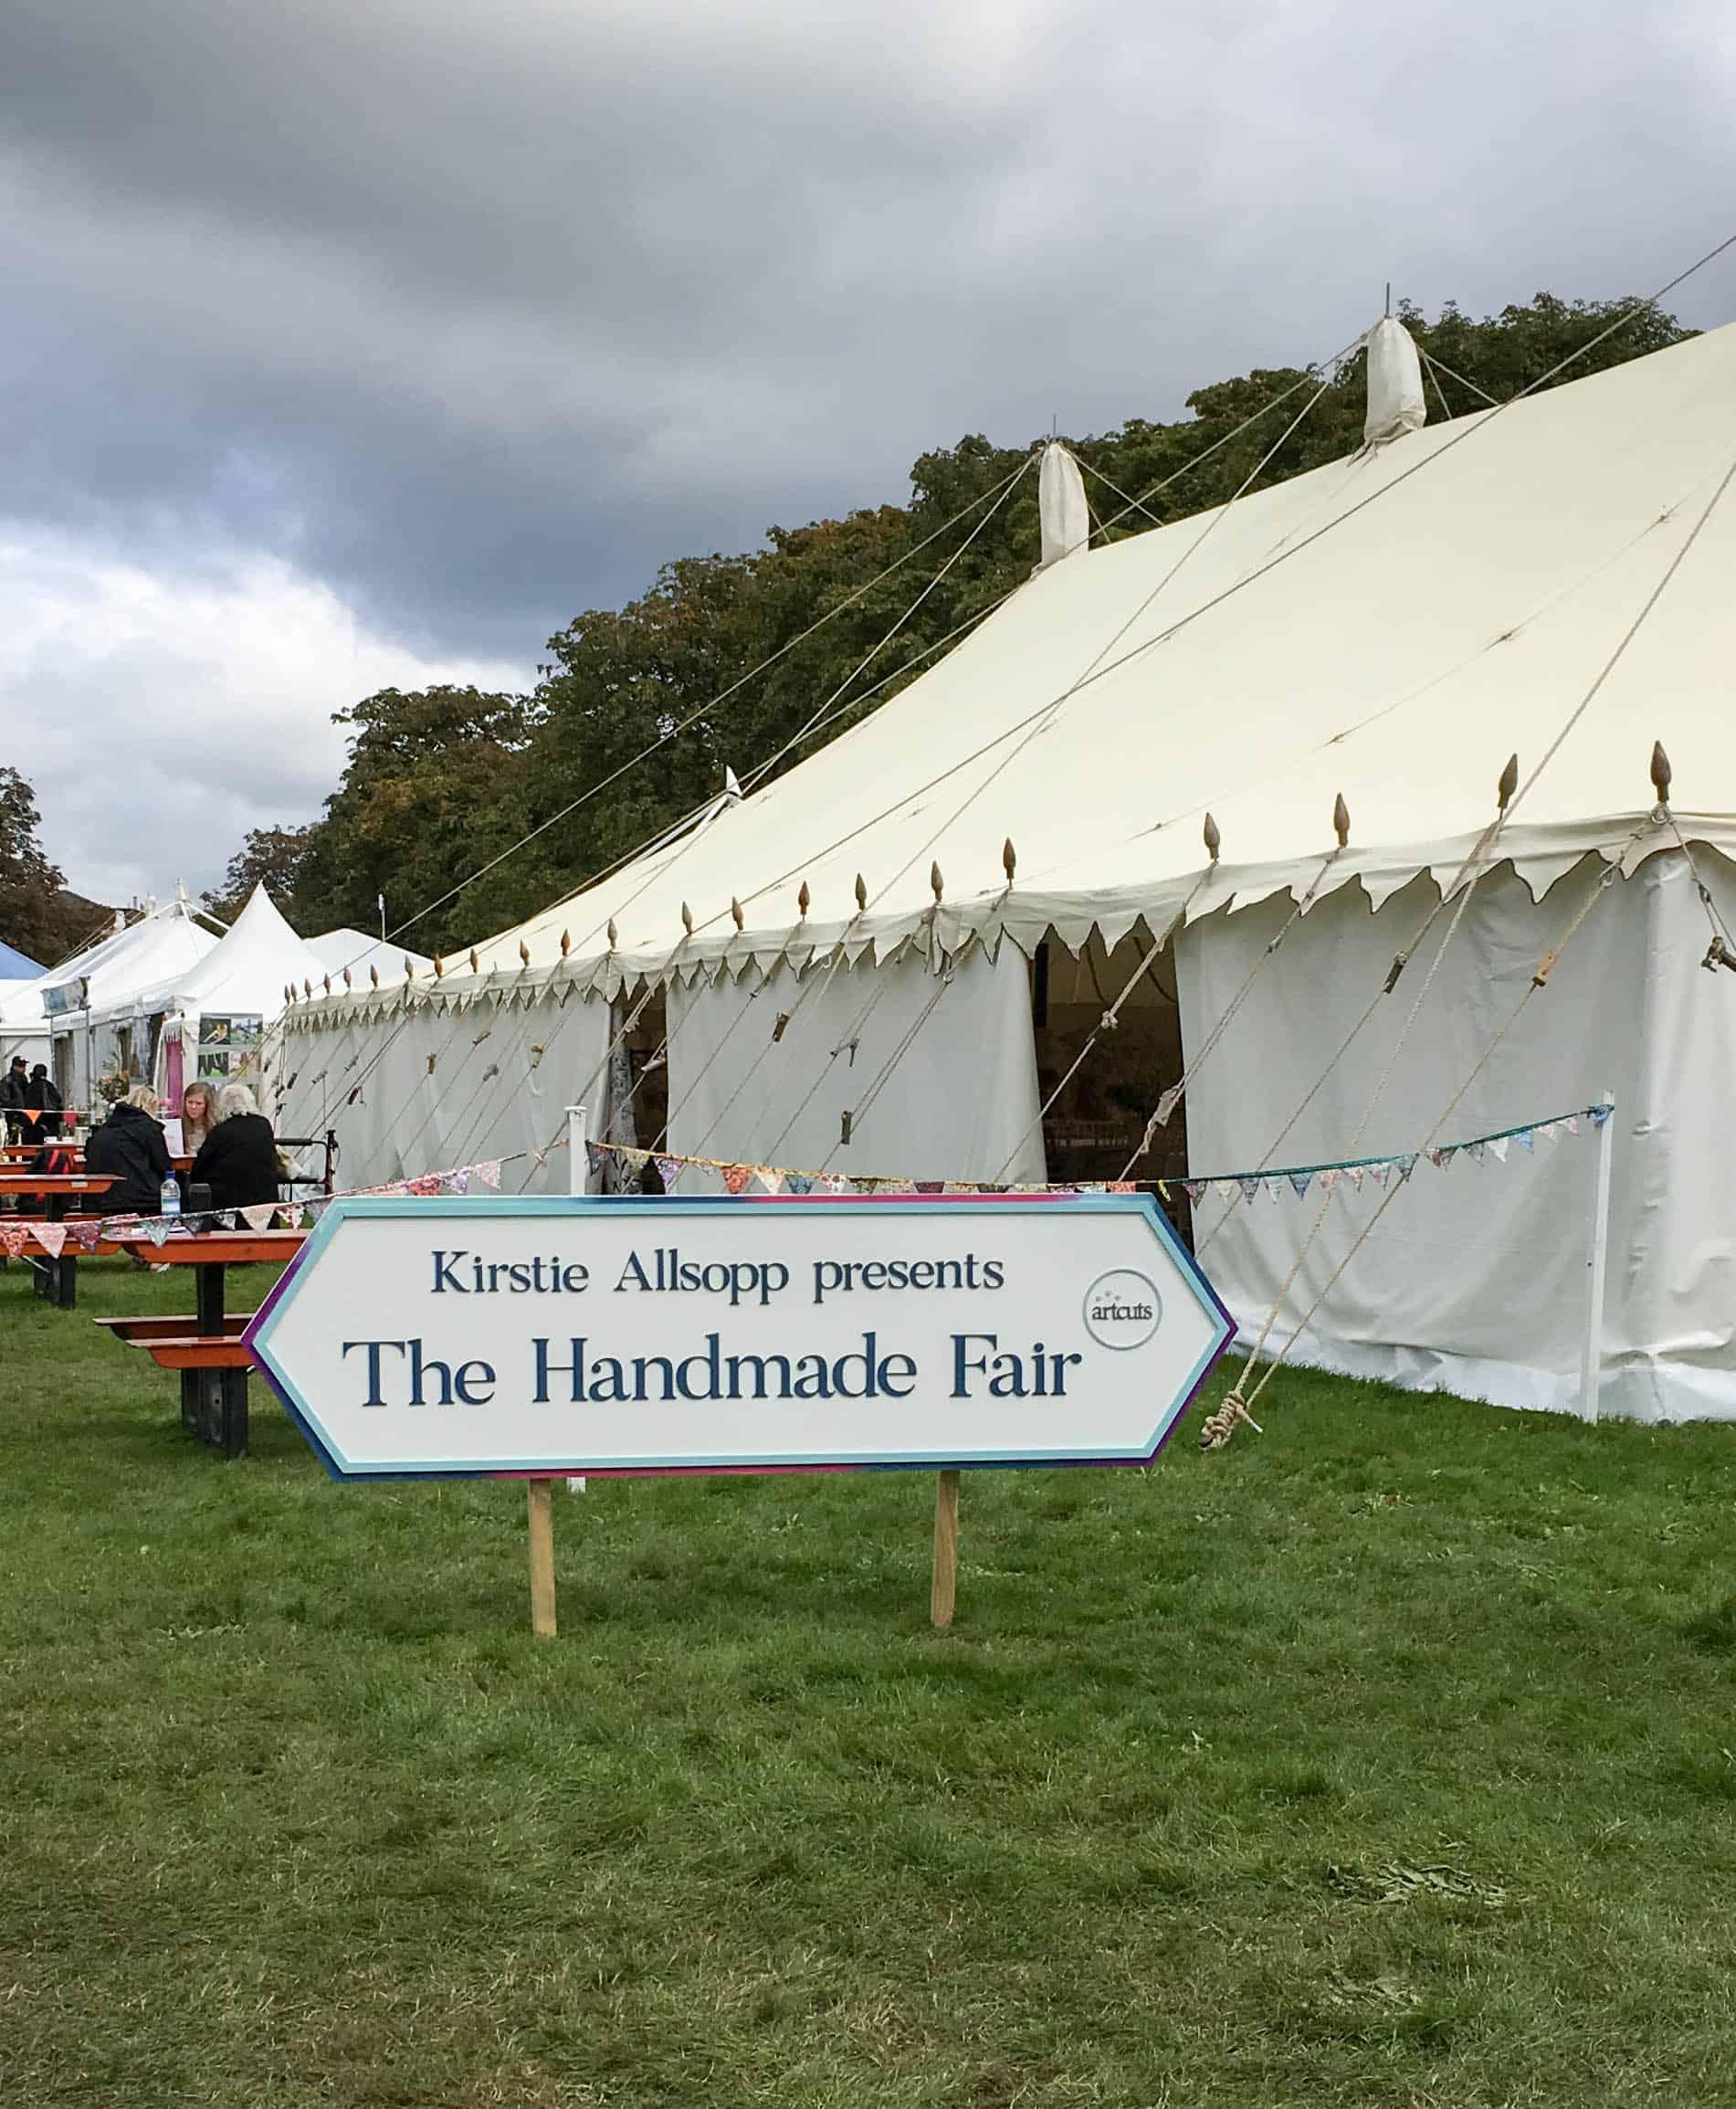 The Handmade Fair. photo by DoraDoes